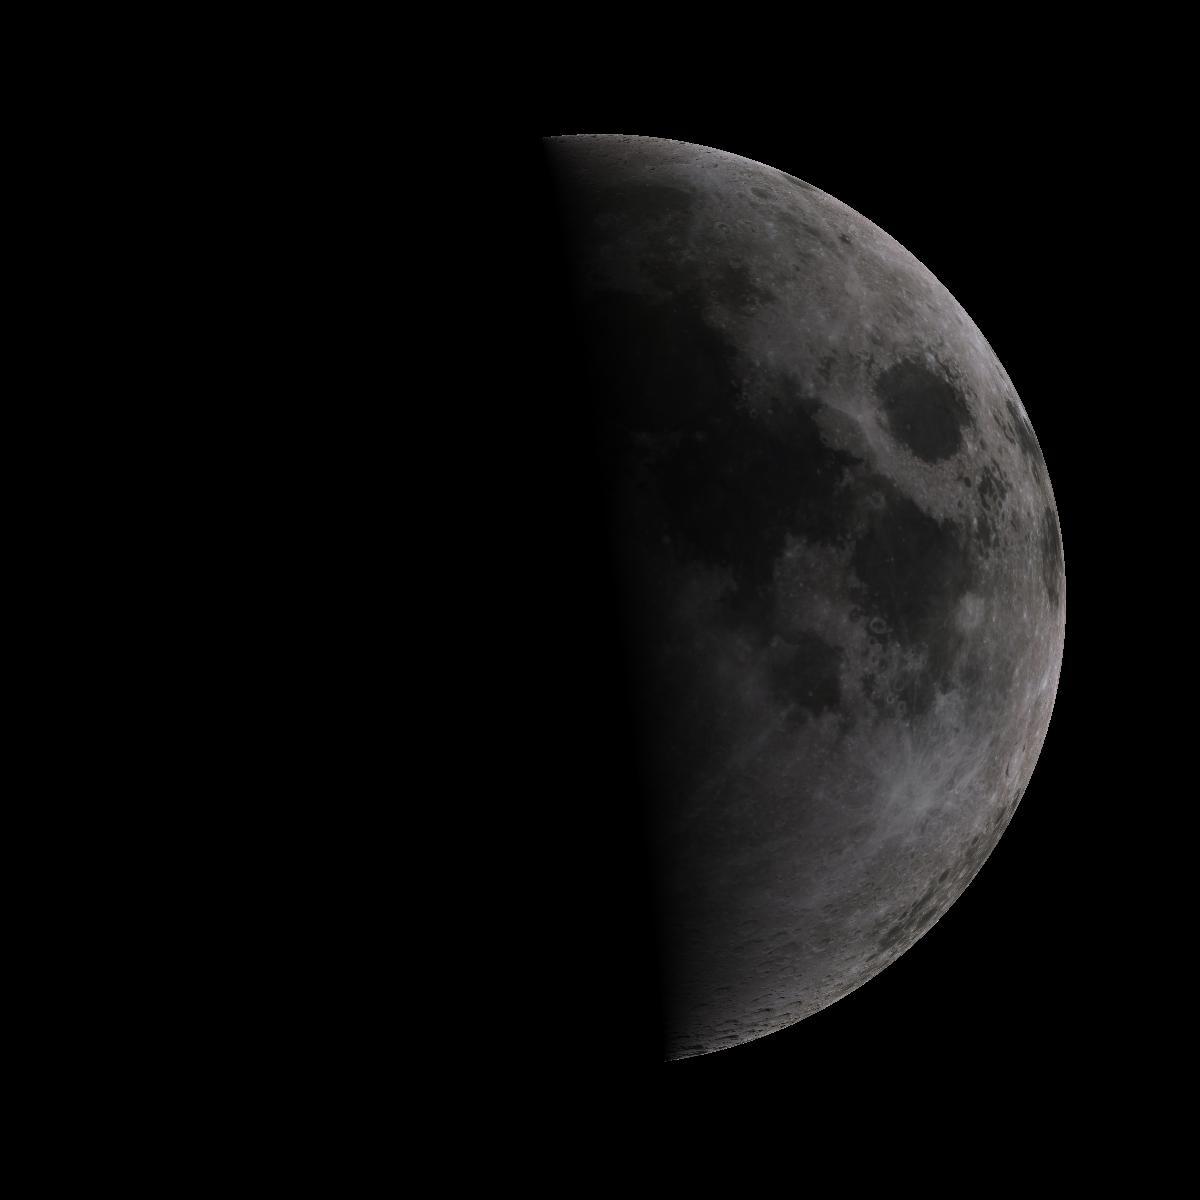 Lune du 6 septembre 2019